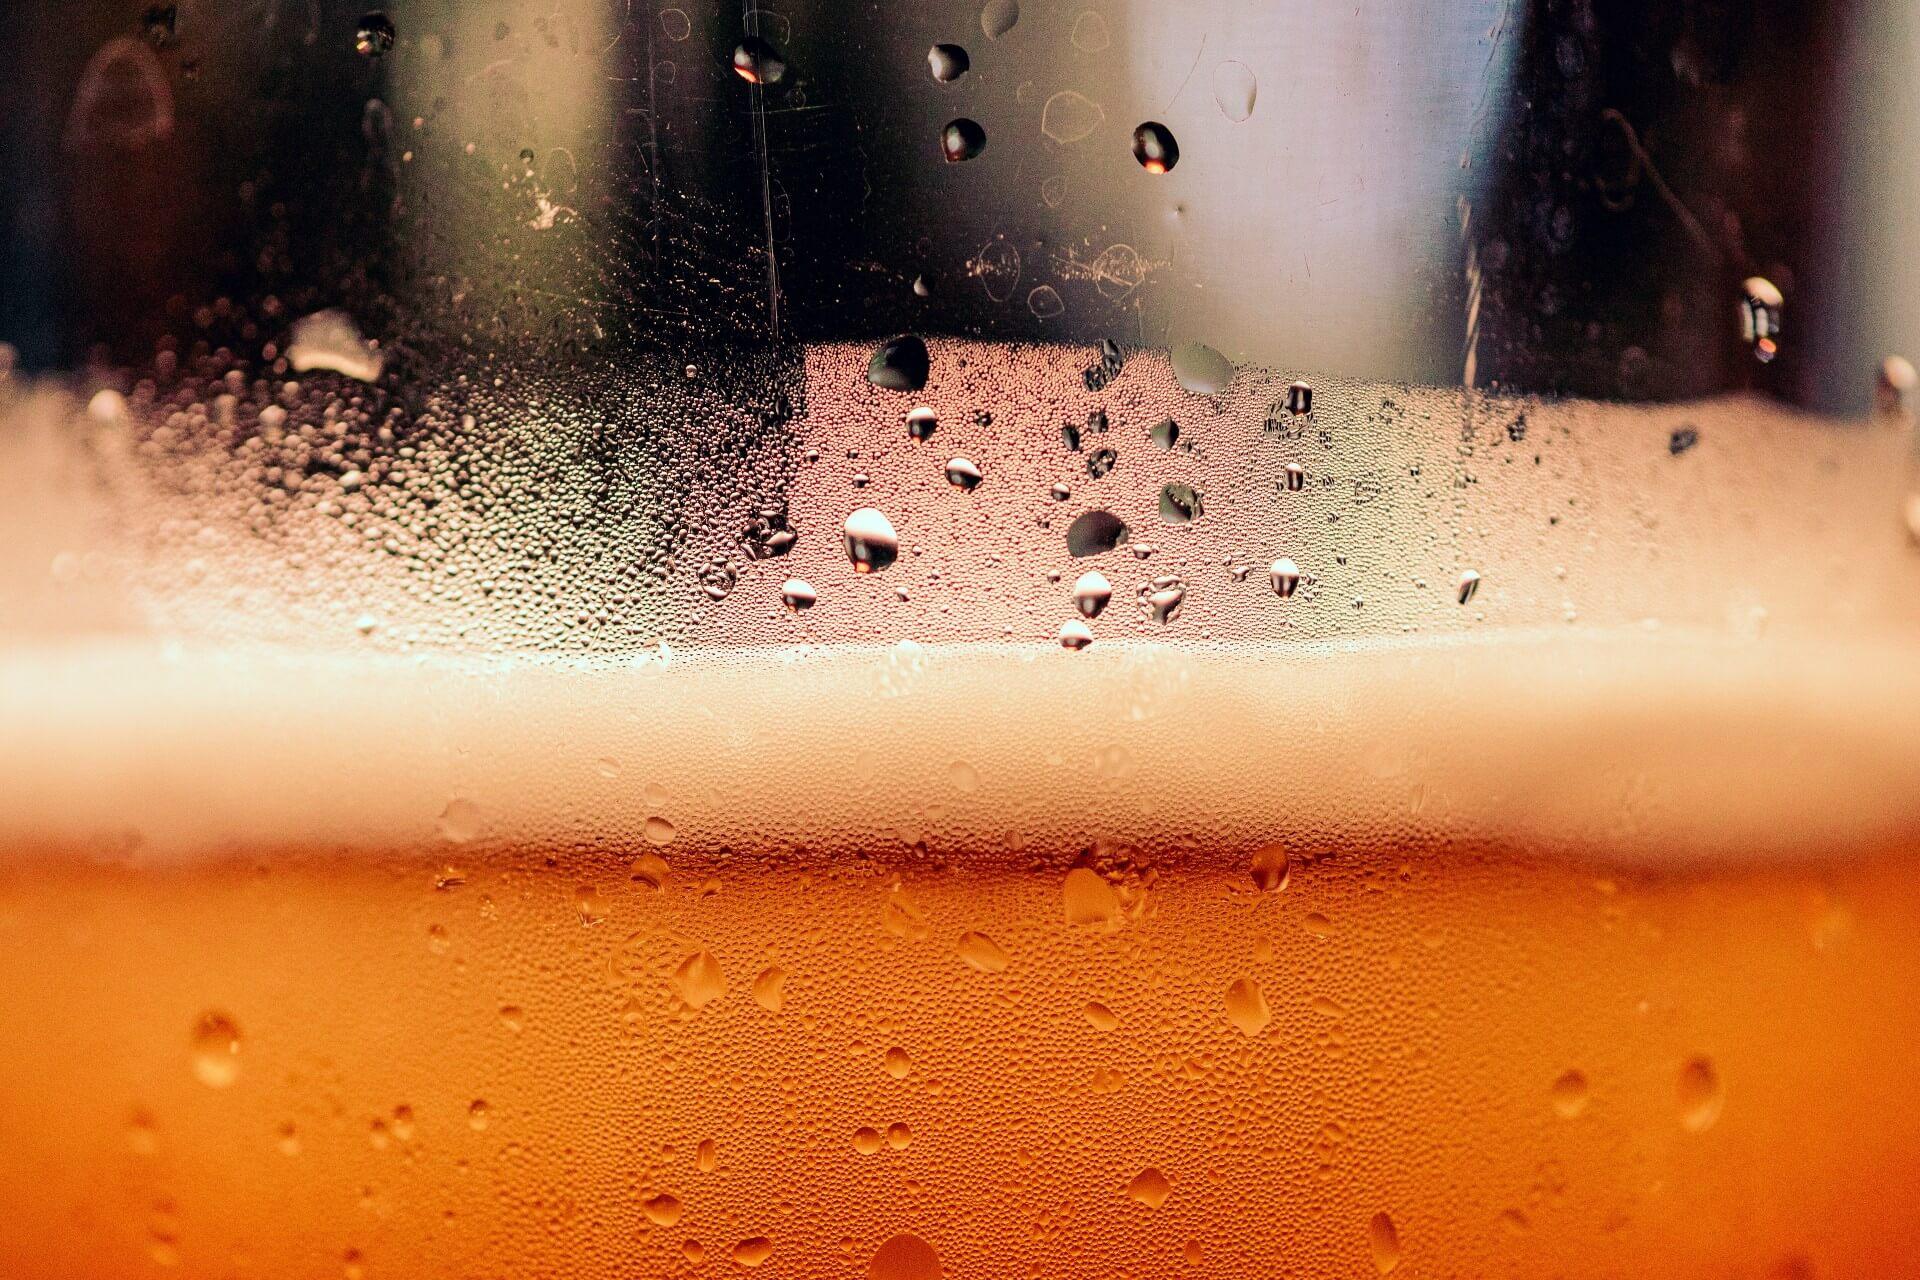 Een gezonde, alcoholische drank. Kan dat wel?